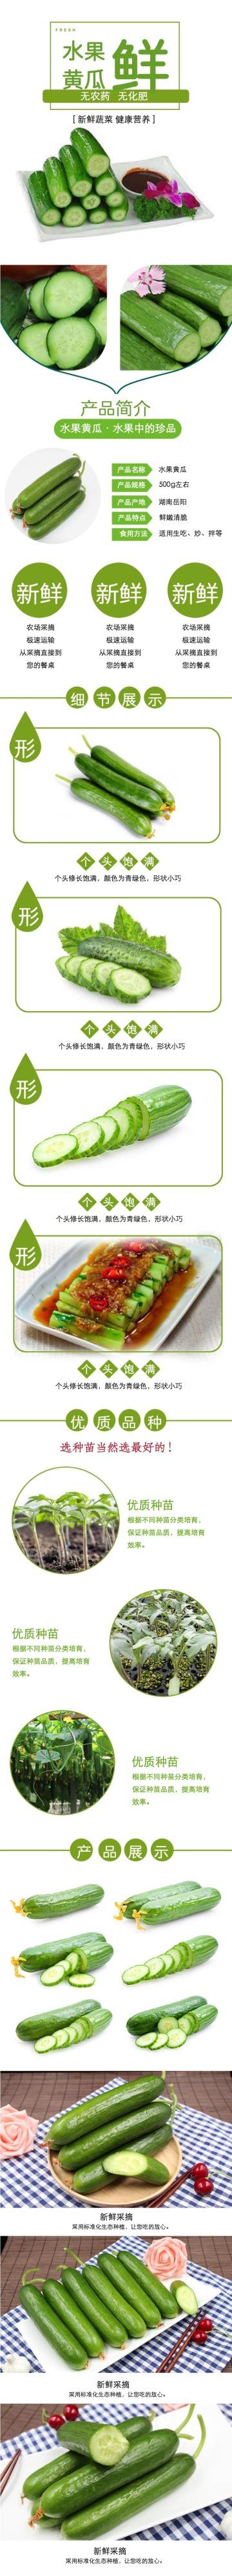 绿色简约清新食品果蔬黄瓜宣传营销电商宝贝详情